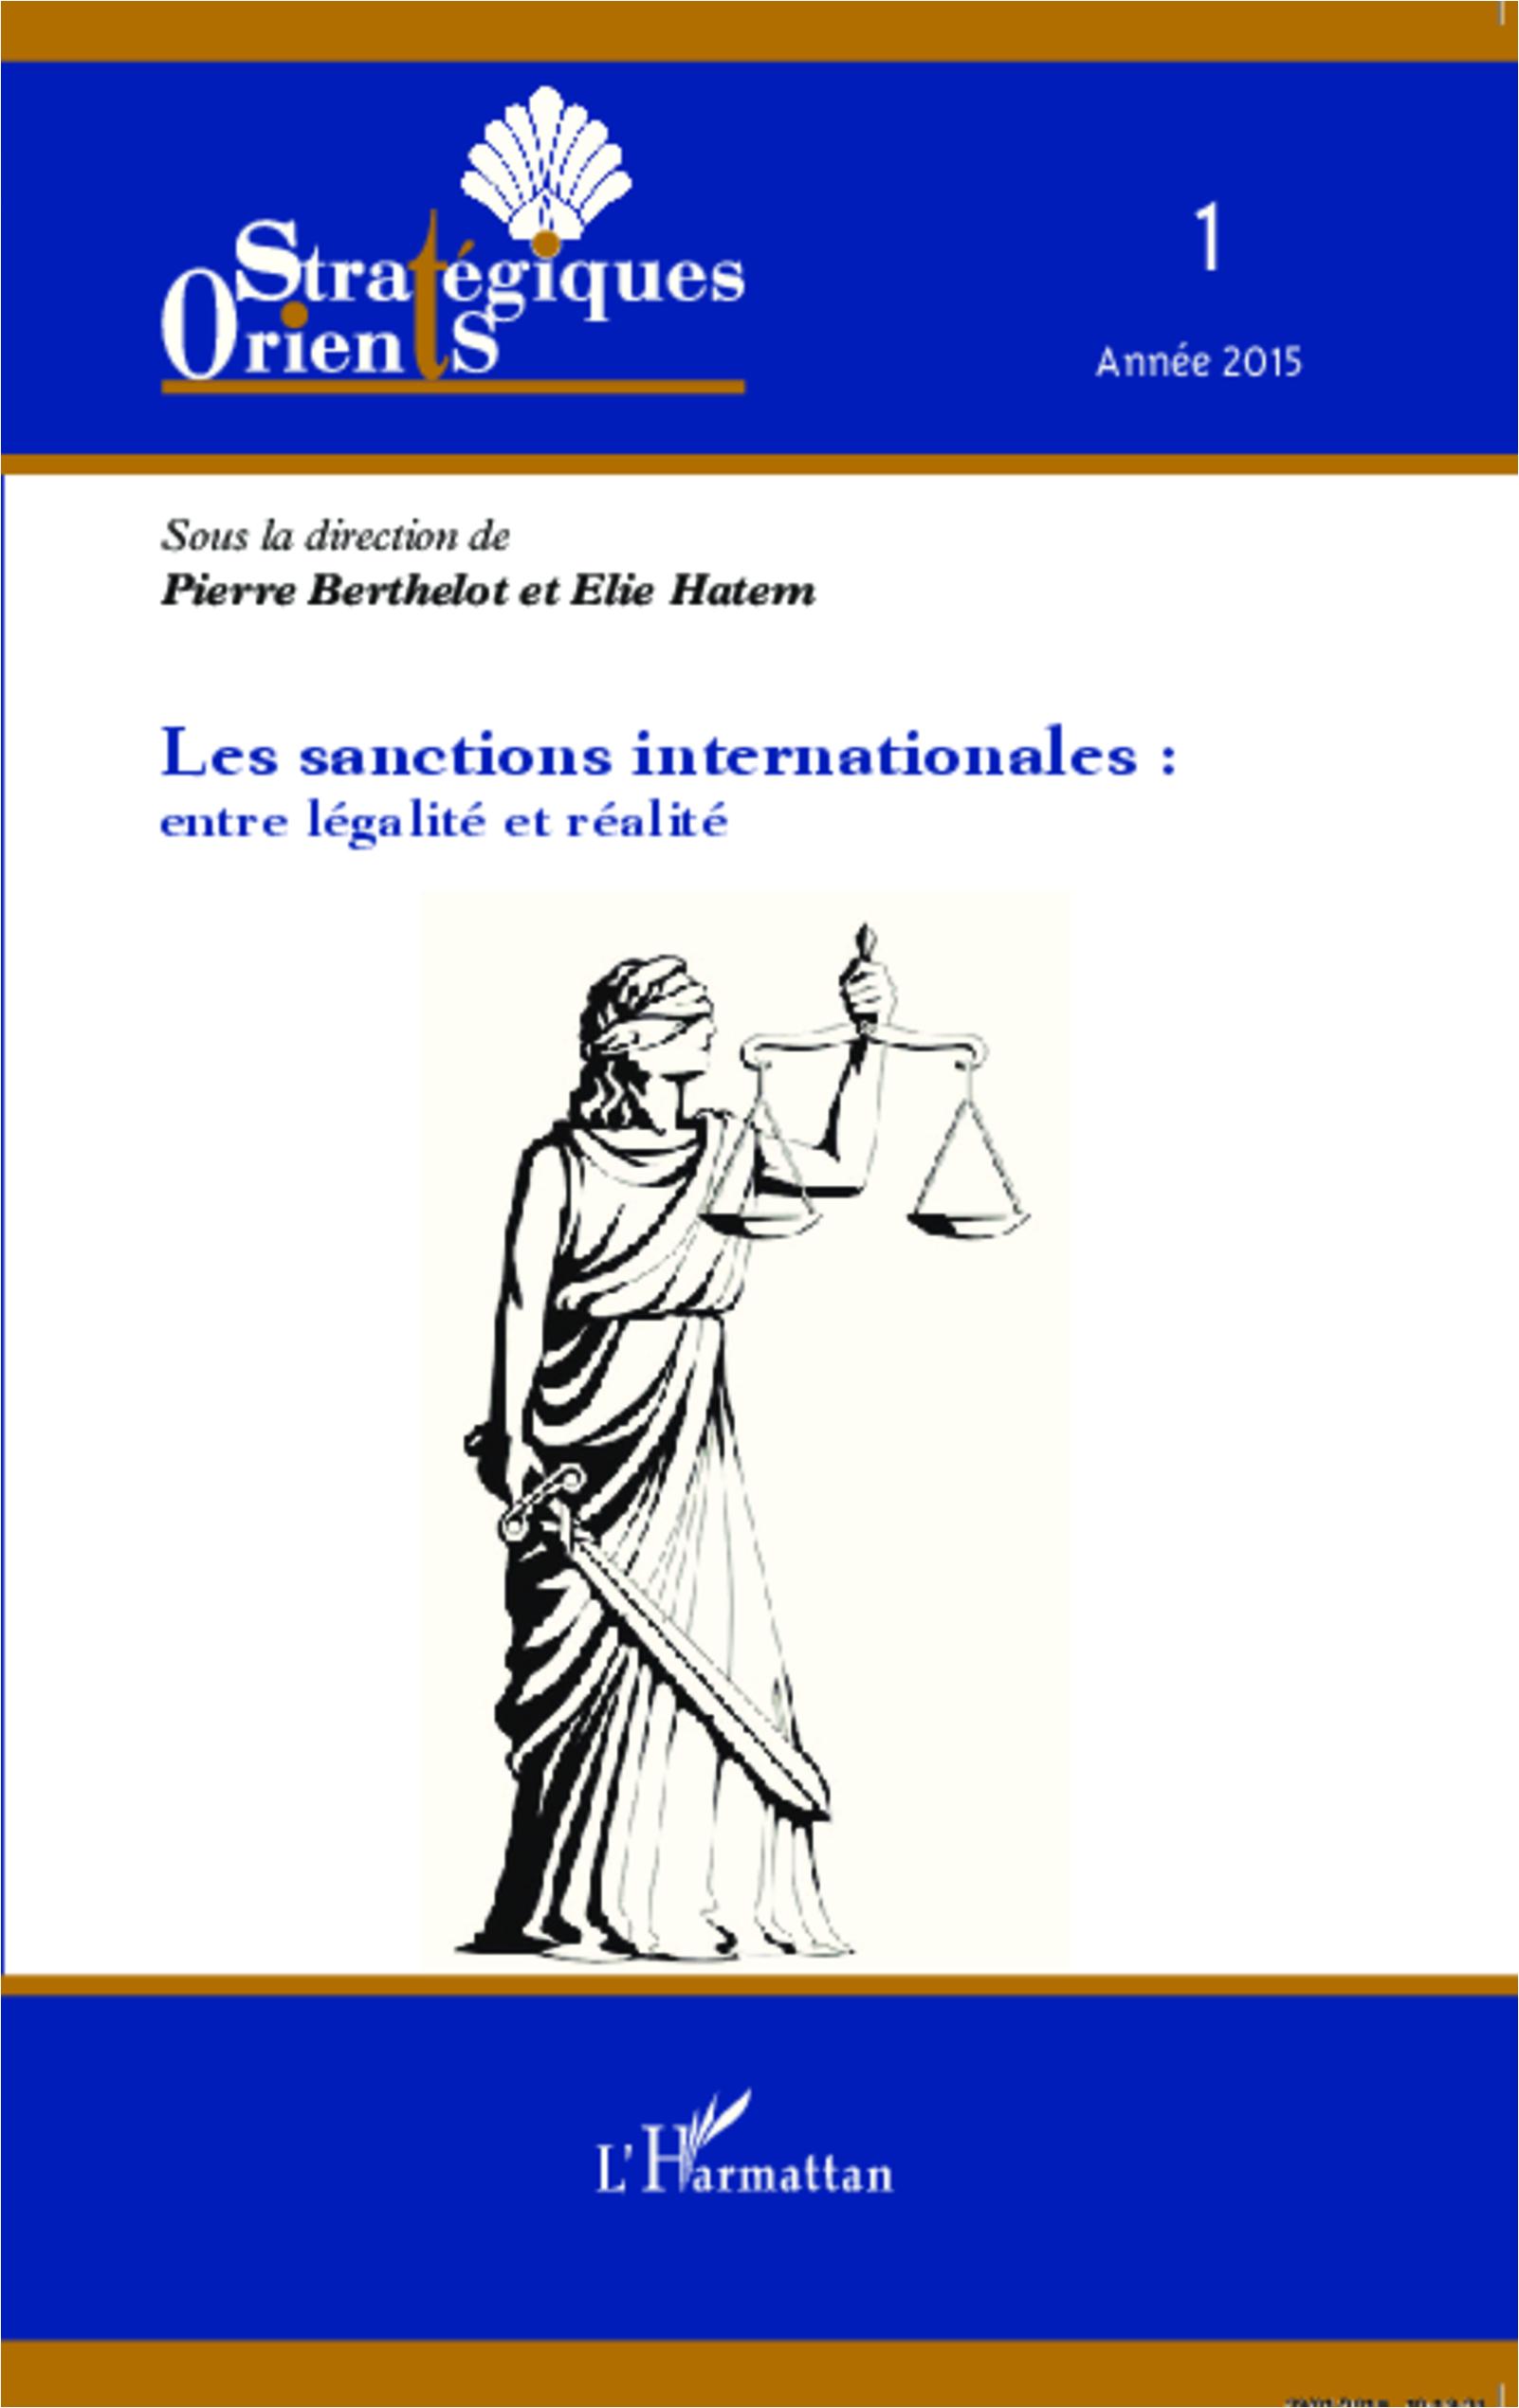 SANCTIONS INTERNATIONALES ENTRE LEGALITE ET REALITE